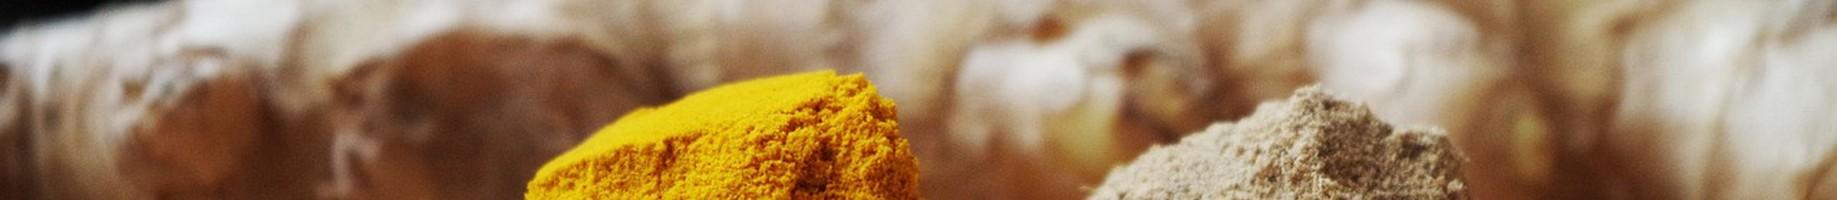 ginger-1191945_1280